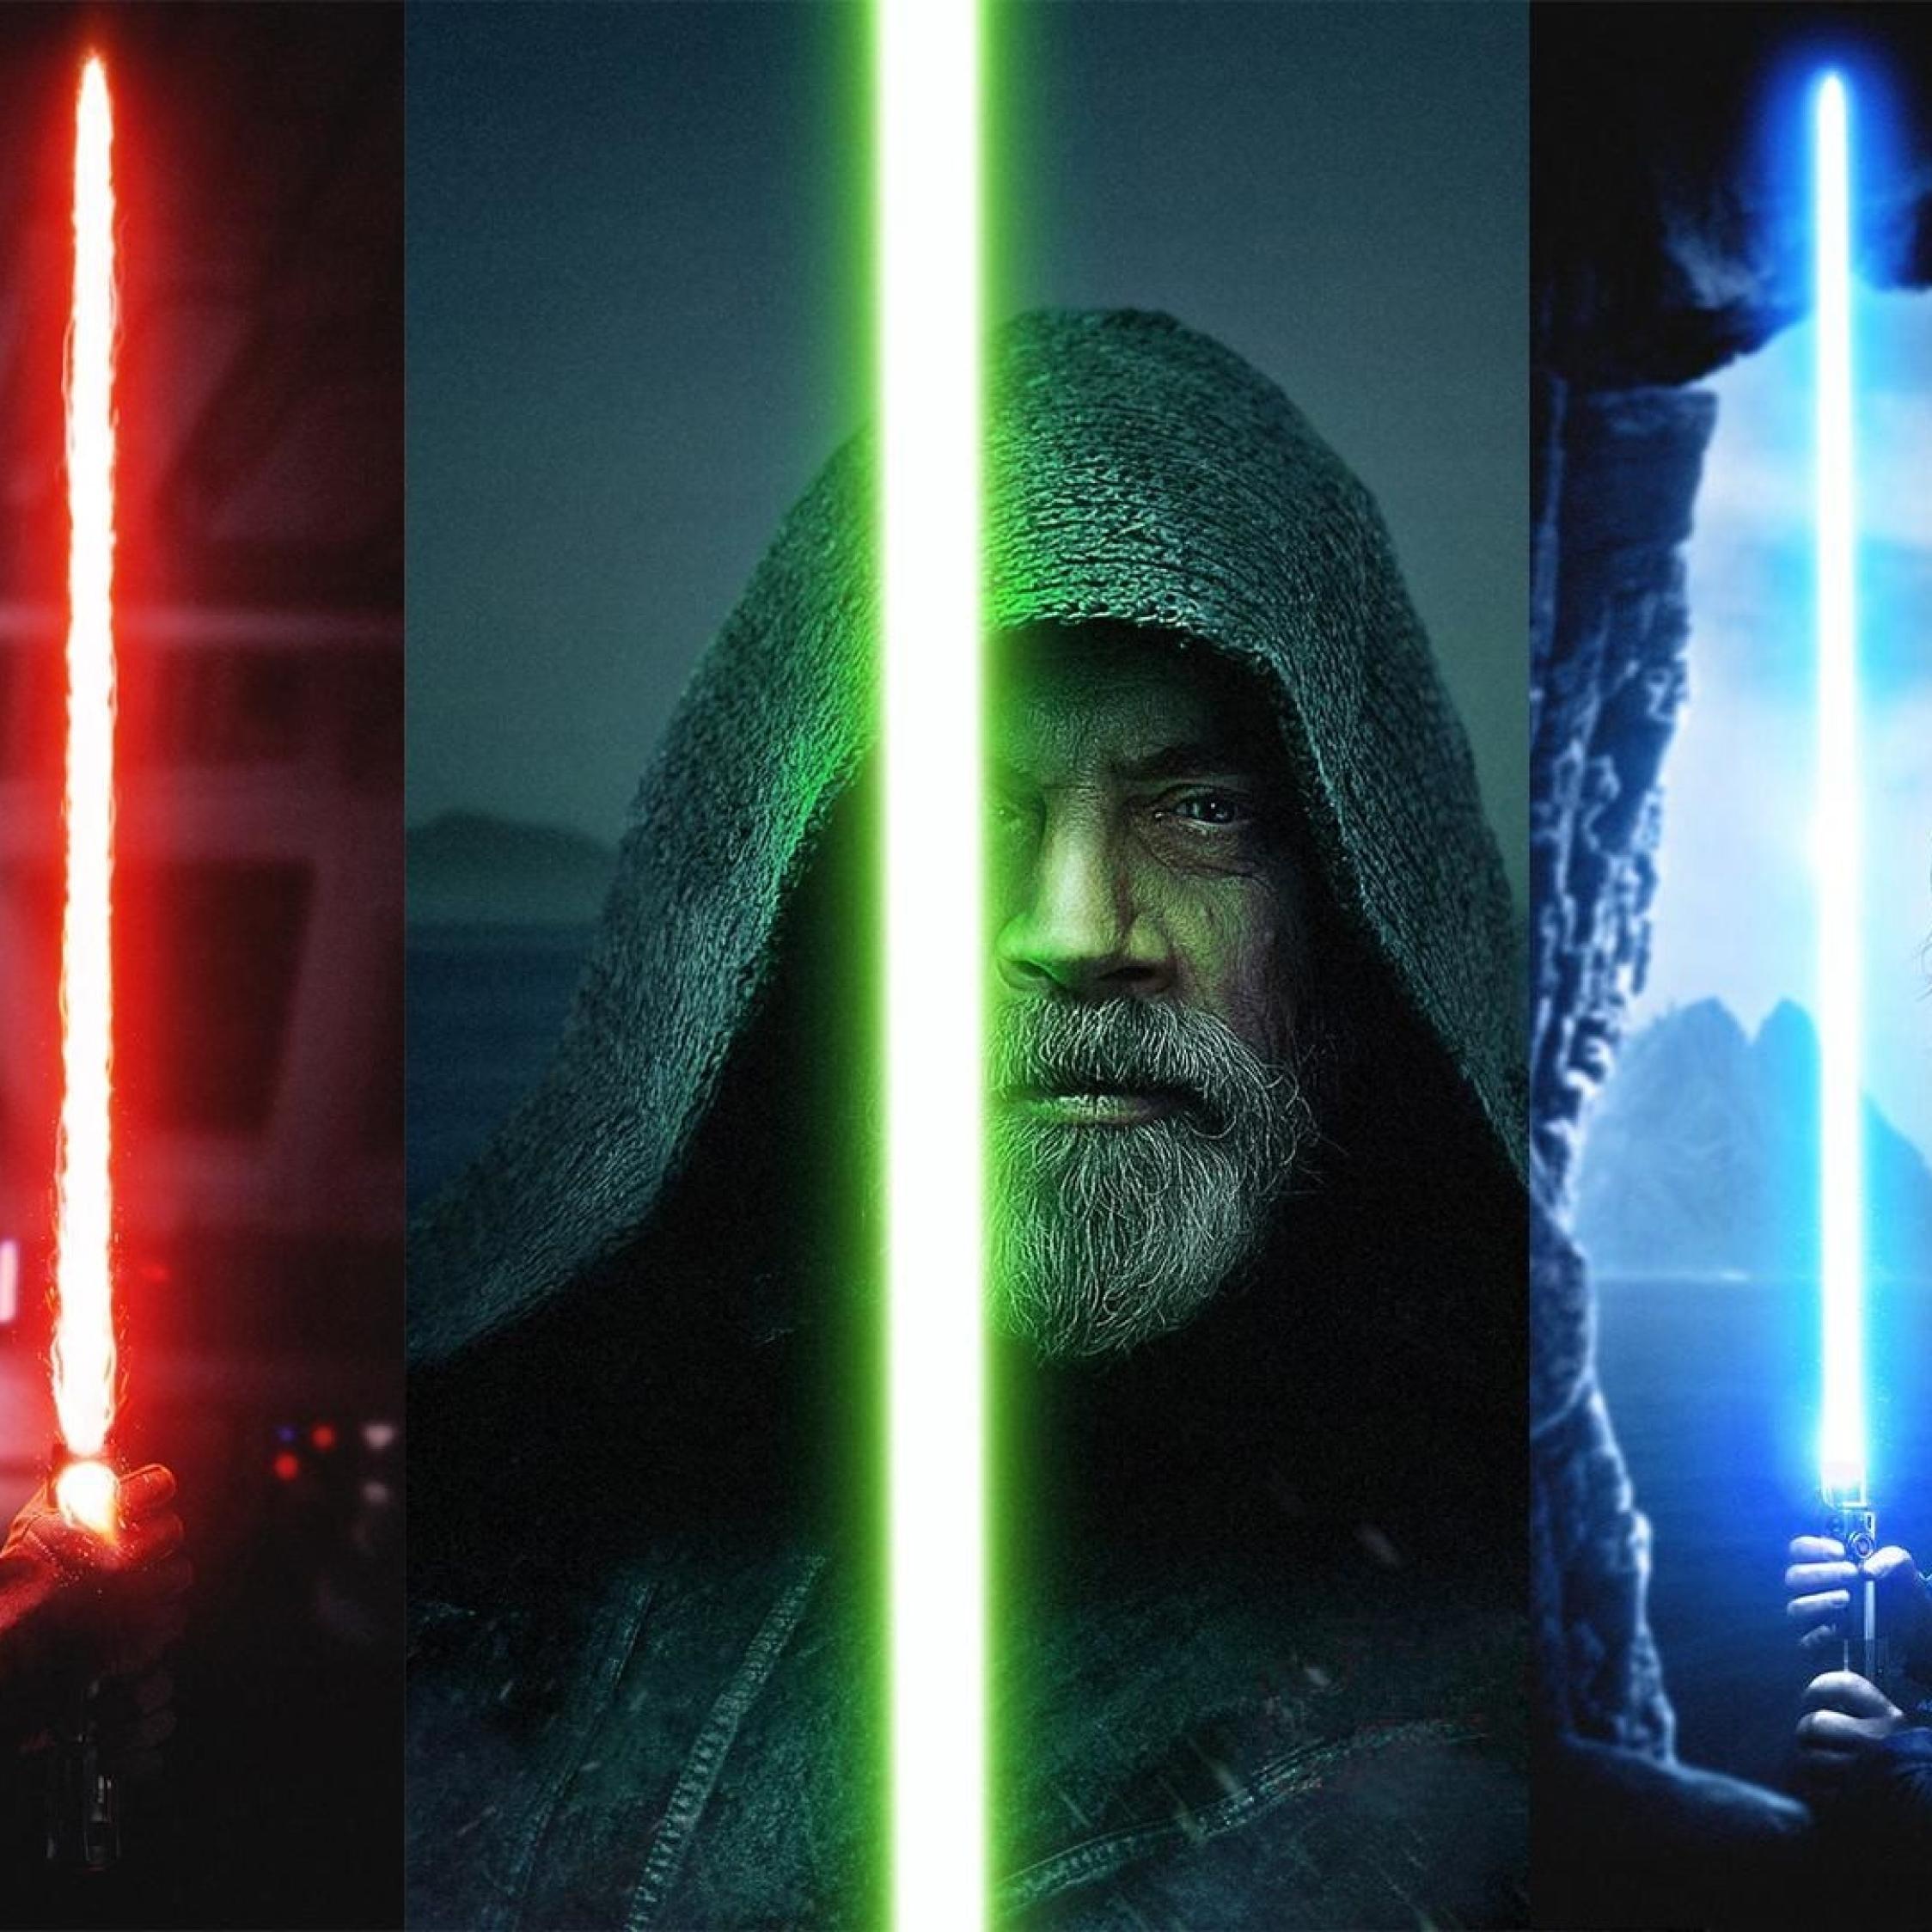 Jedi Wallpaper: Download Star Wars 8 Movie 7680x4320 Resolution, Full HD